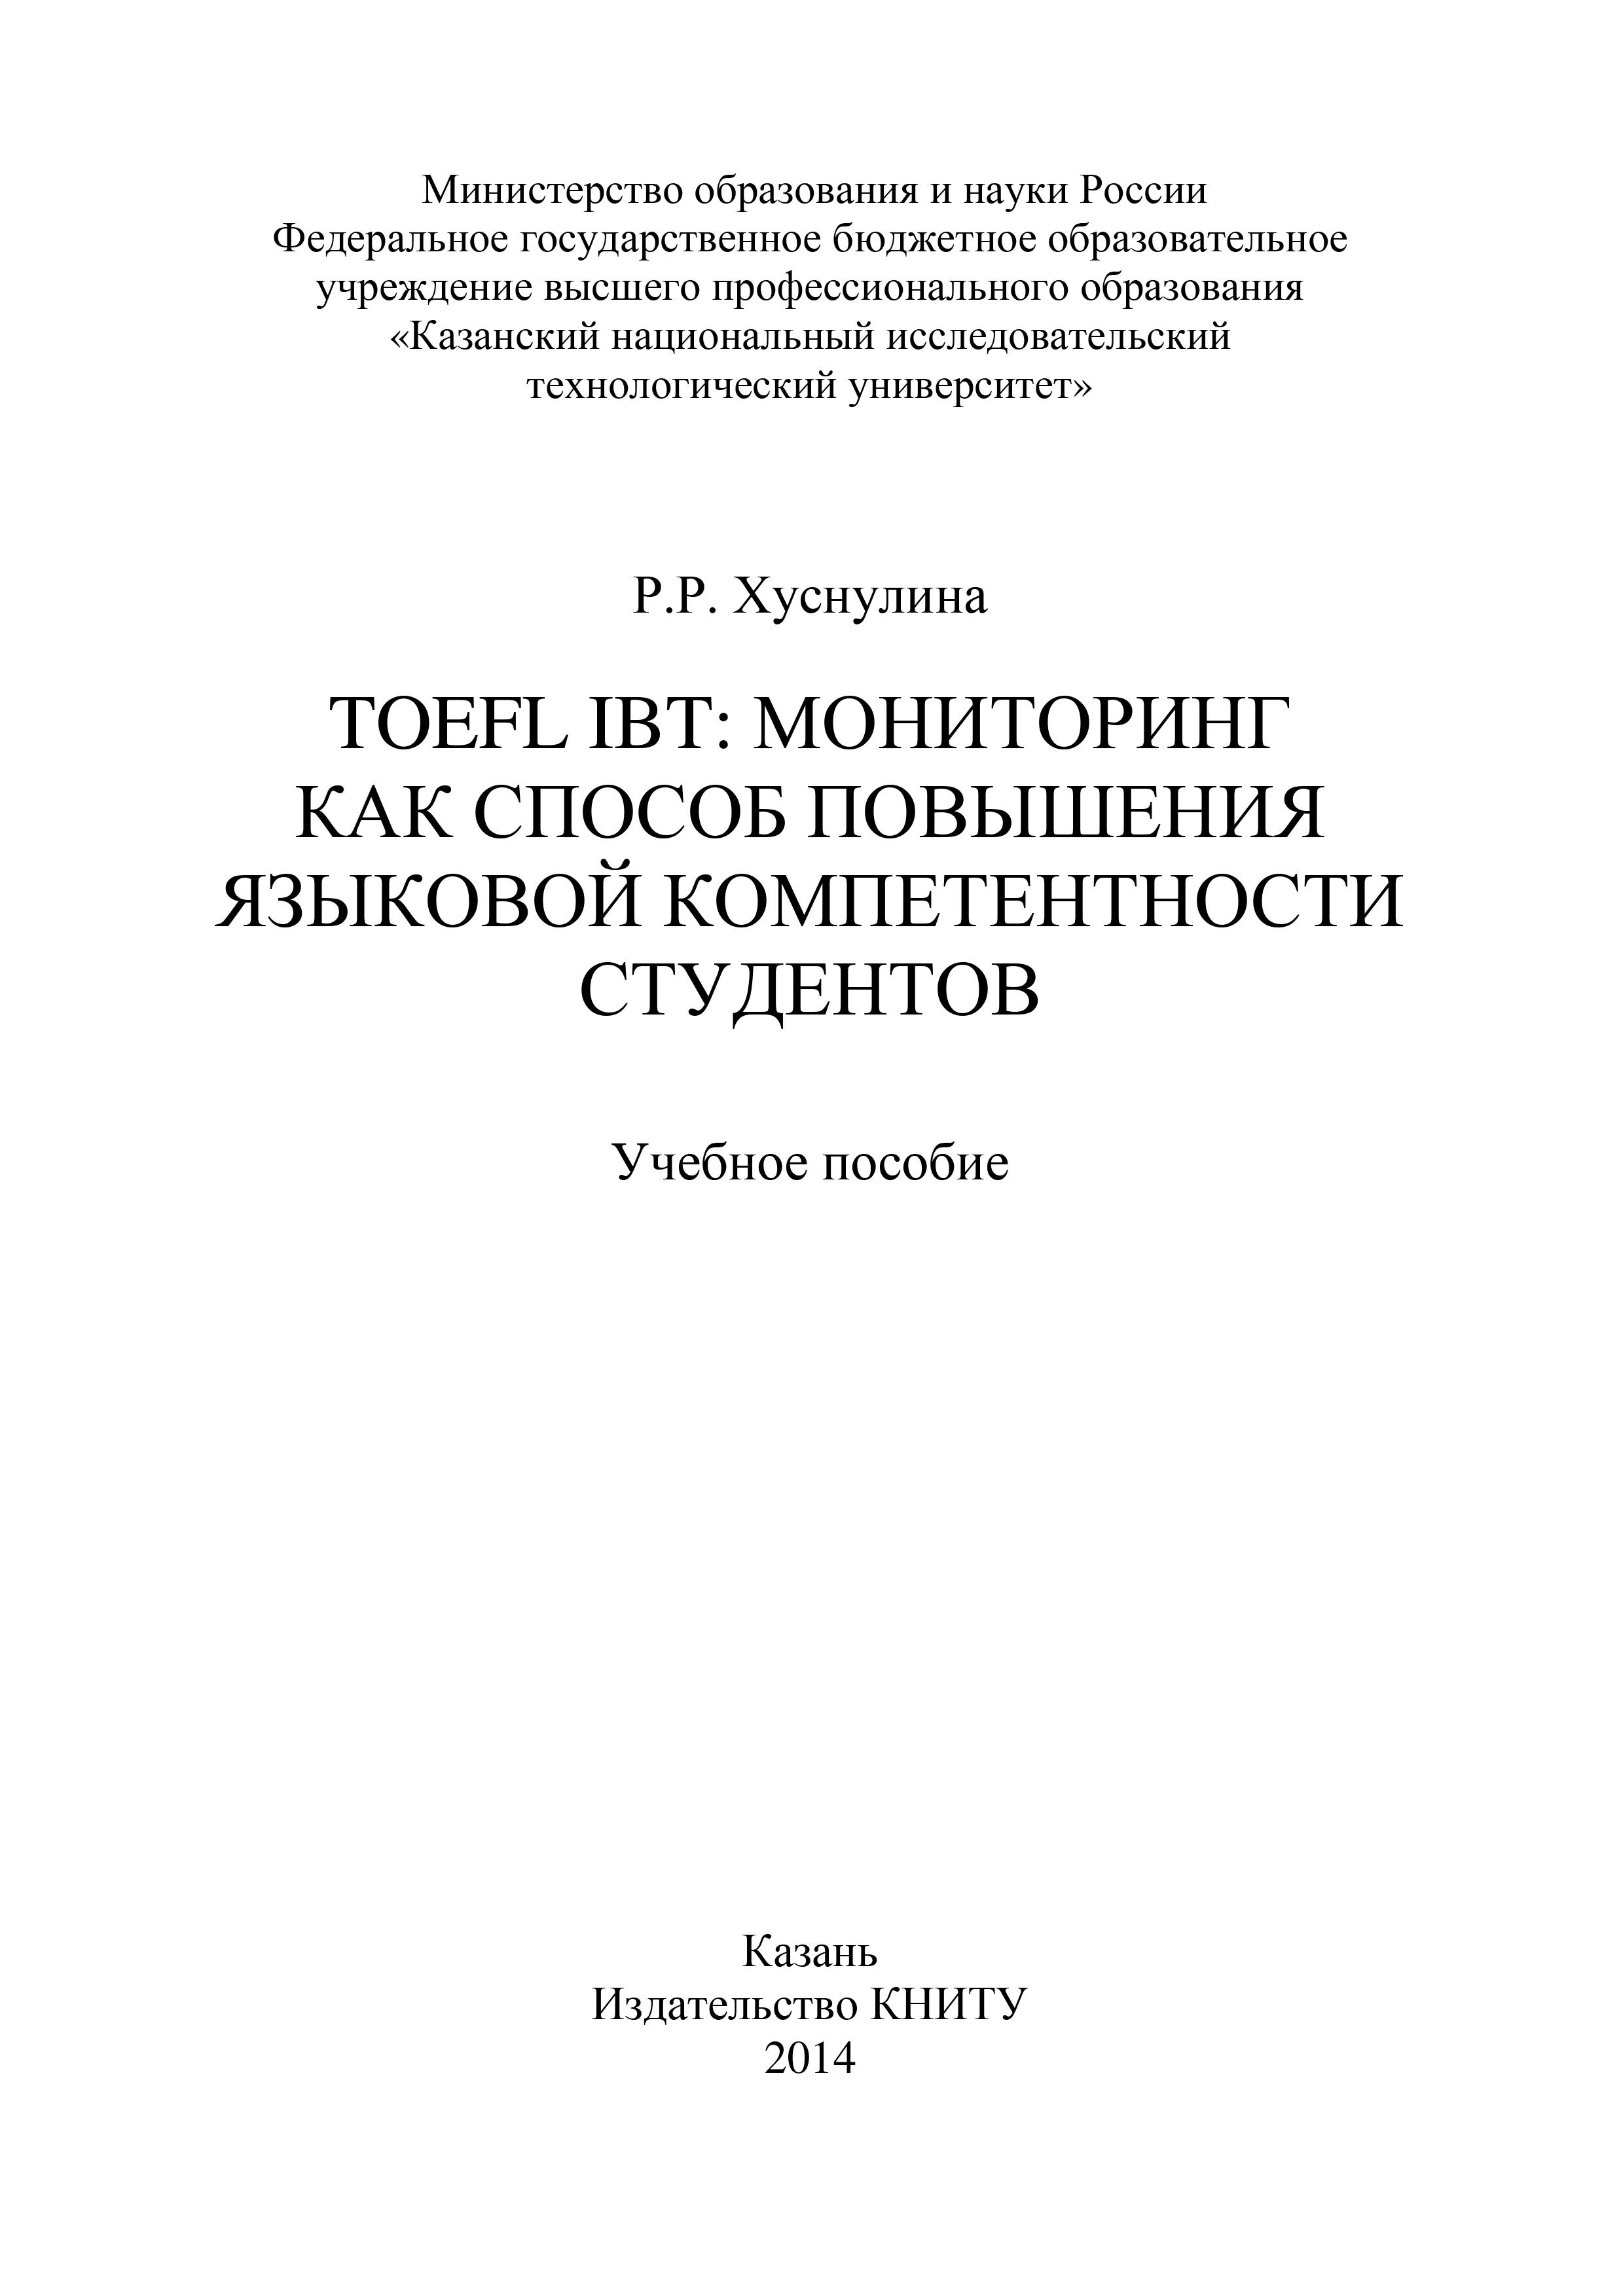 Р. Хуснулина TOEFL IBT: мониторинг как способ повышения языковой компетентности студентов toefl ibt 3 cd